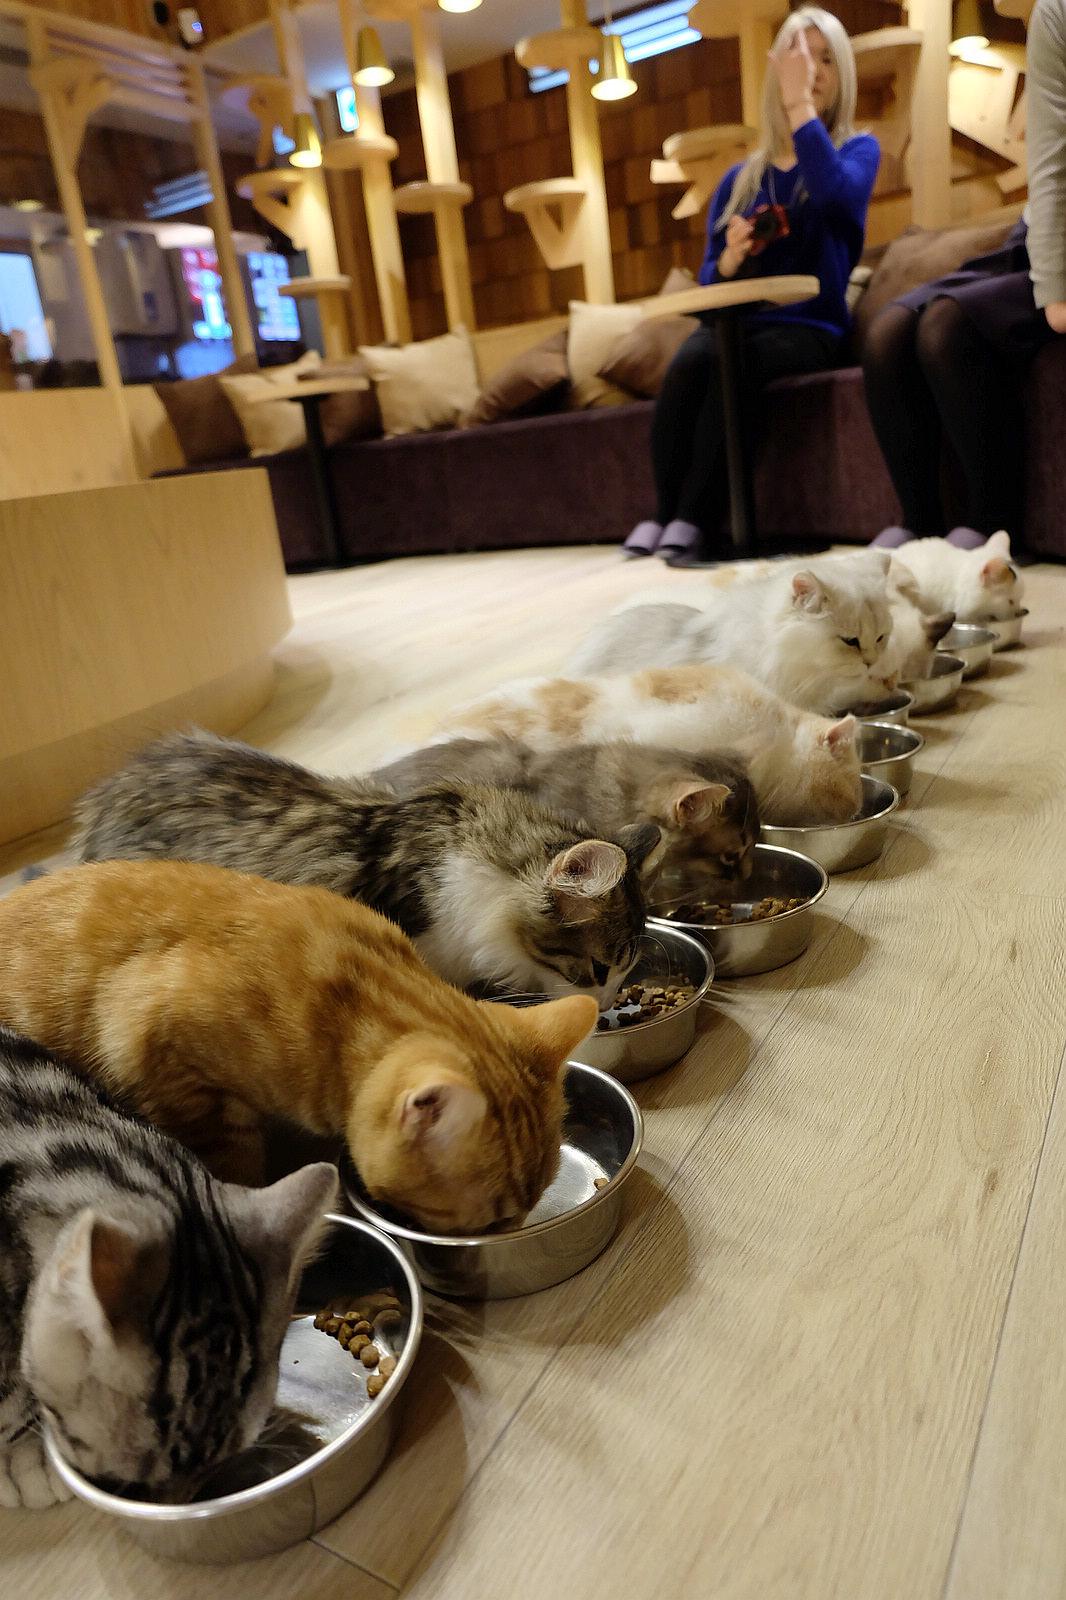 池袋Mocha 貓咪咖啡廳  排排站吃飯萌喵